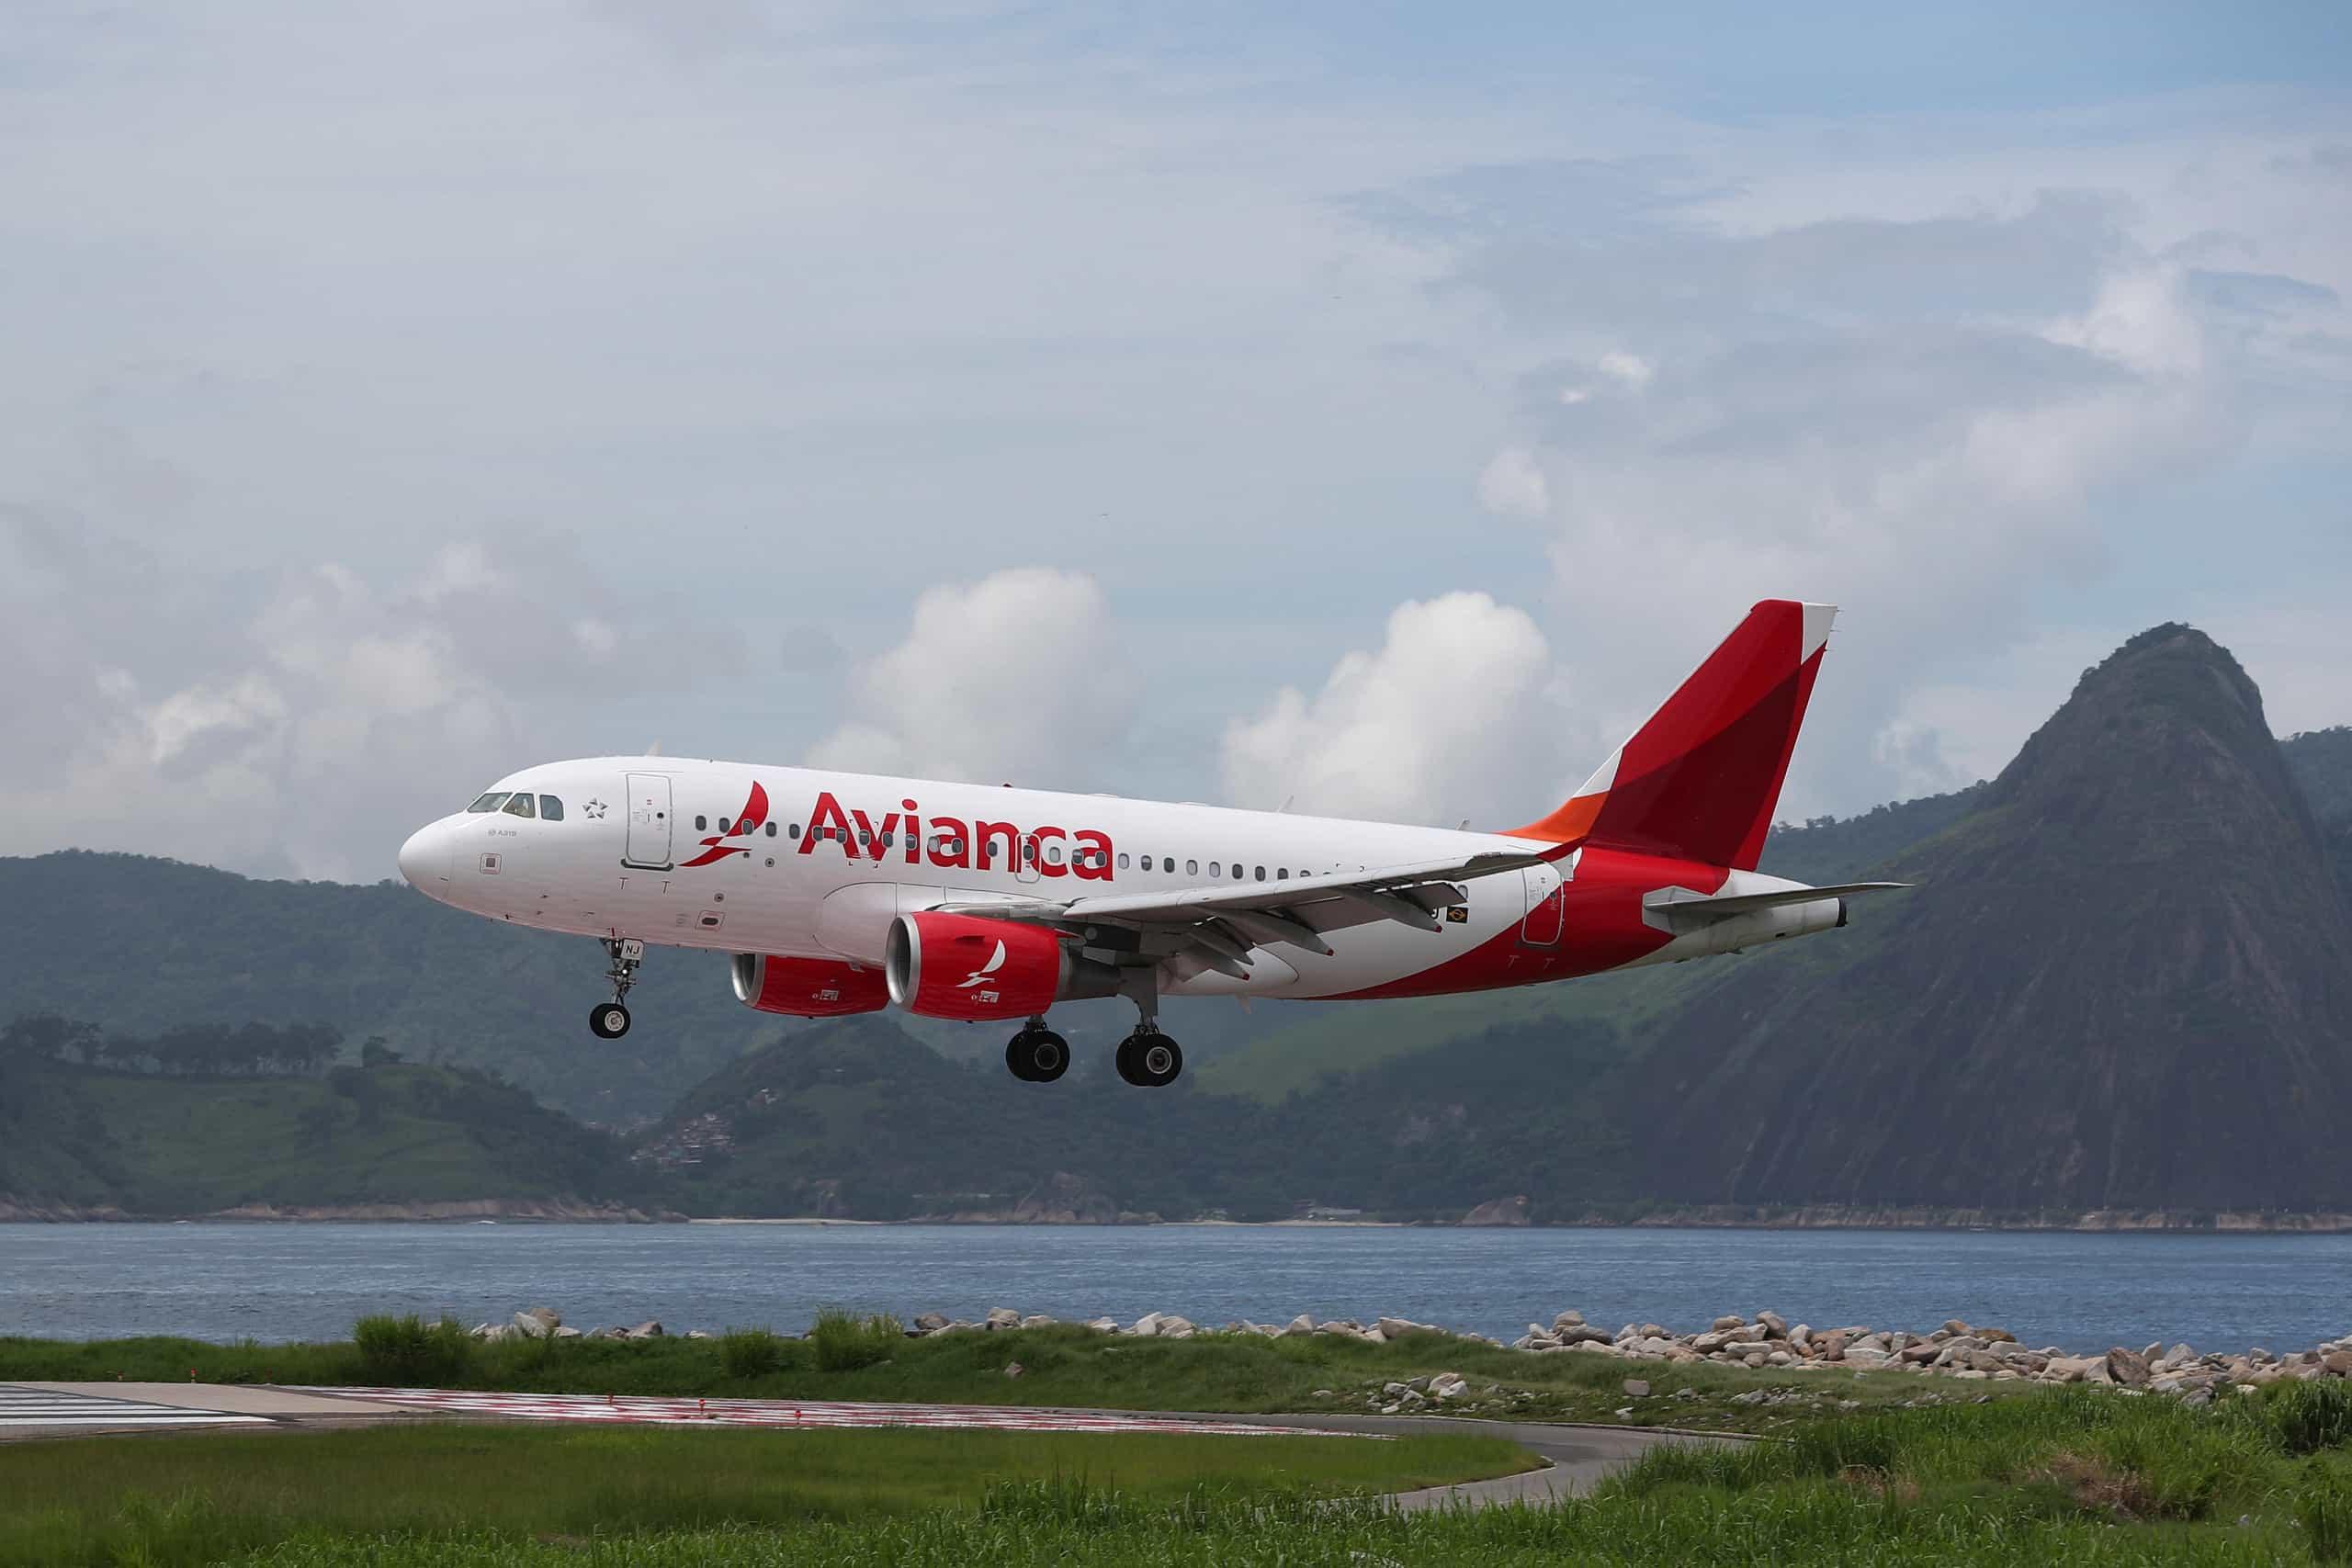 Companhia aérea brasileira Avianca cancela mais de 300 voos até sábado